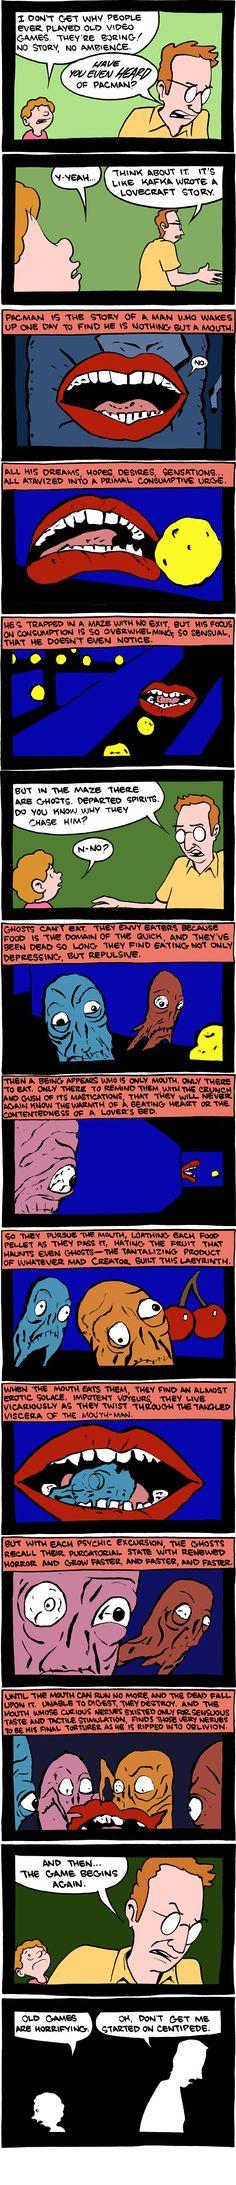 Pac-man as a Lovecraft story written by Kafka (!)